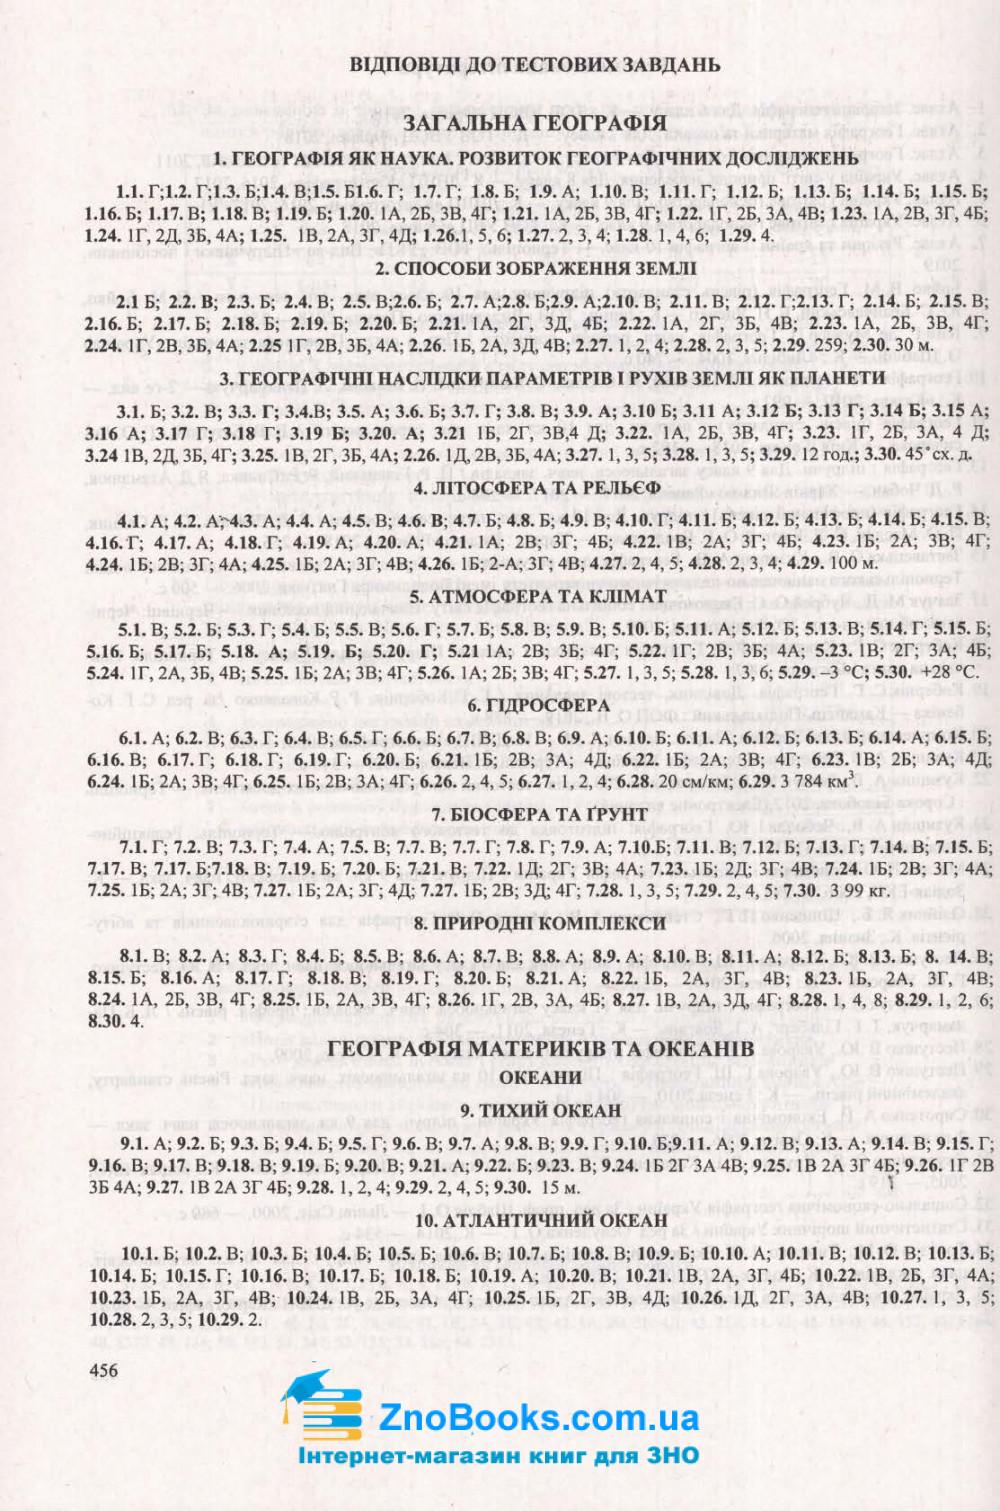 ЗНО 2021 Географія. Комплексне видання : Кузишин А. Підручники і посібники. купити 14